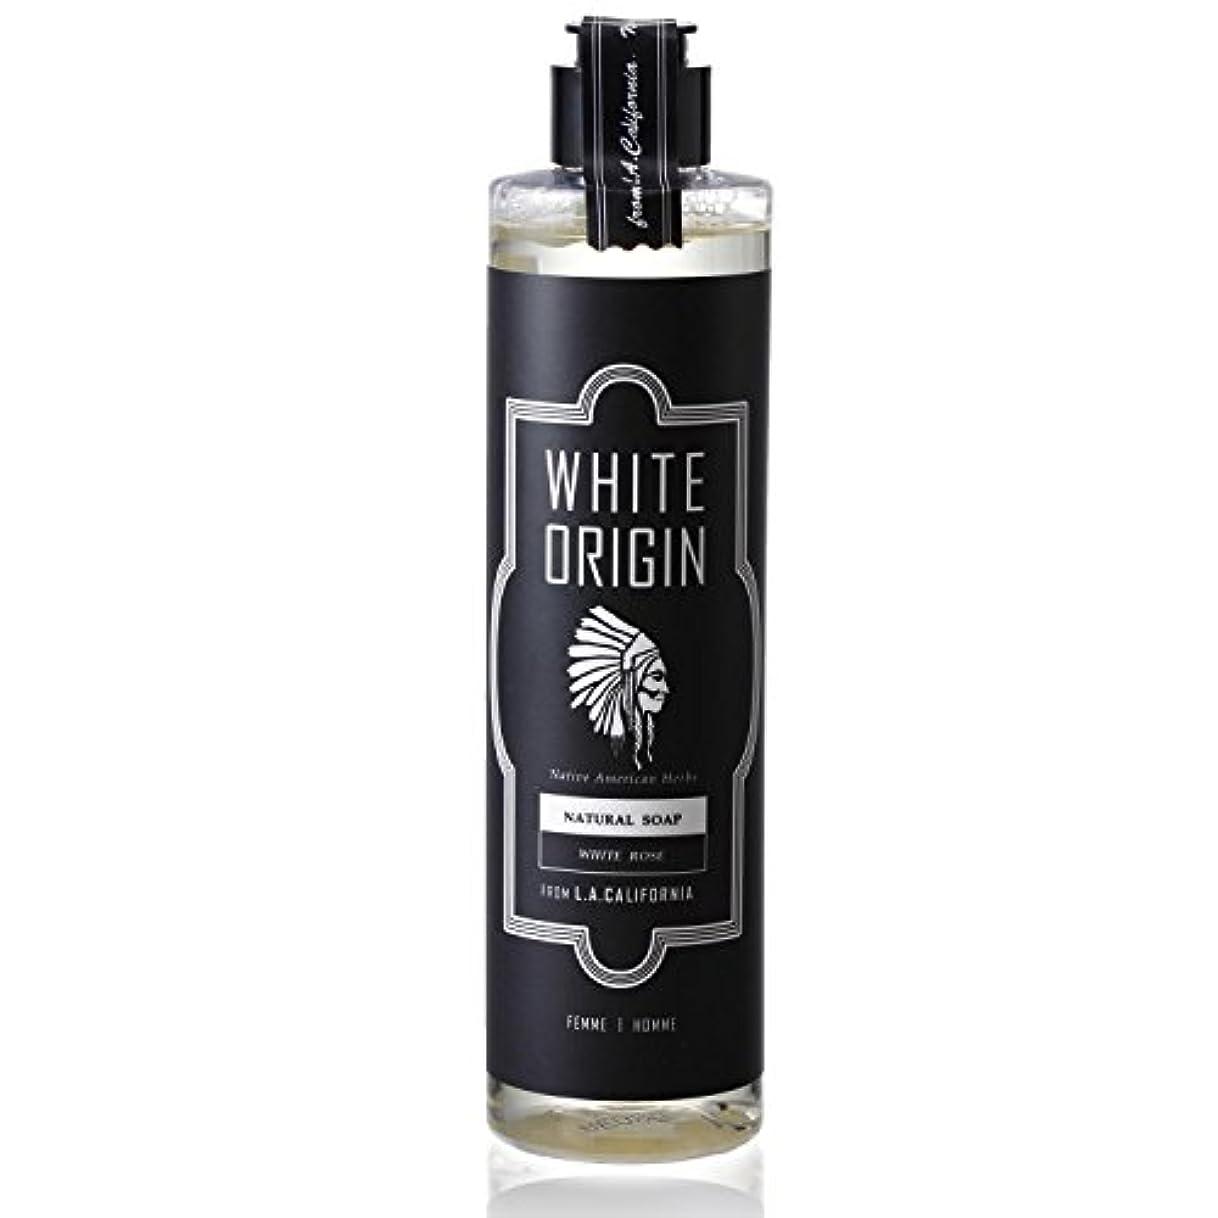 丘罪胚芽WHITE ORIGIN ボディソープ 300ml 加齢臭 ケア オーガニック ナチュラル 男前 乾燥 ホワイトローズ